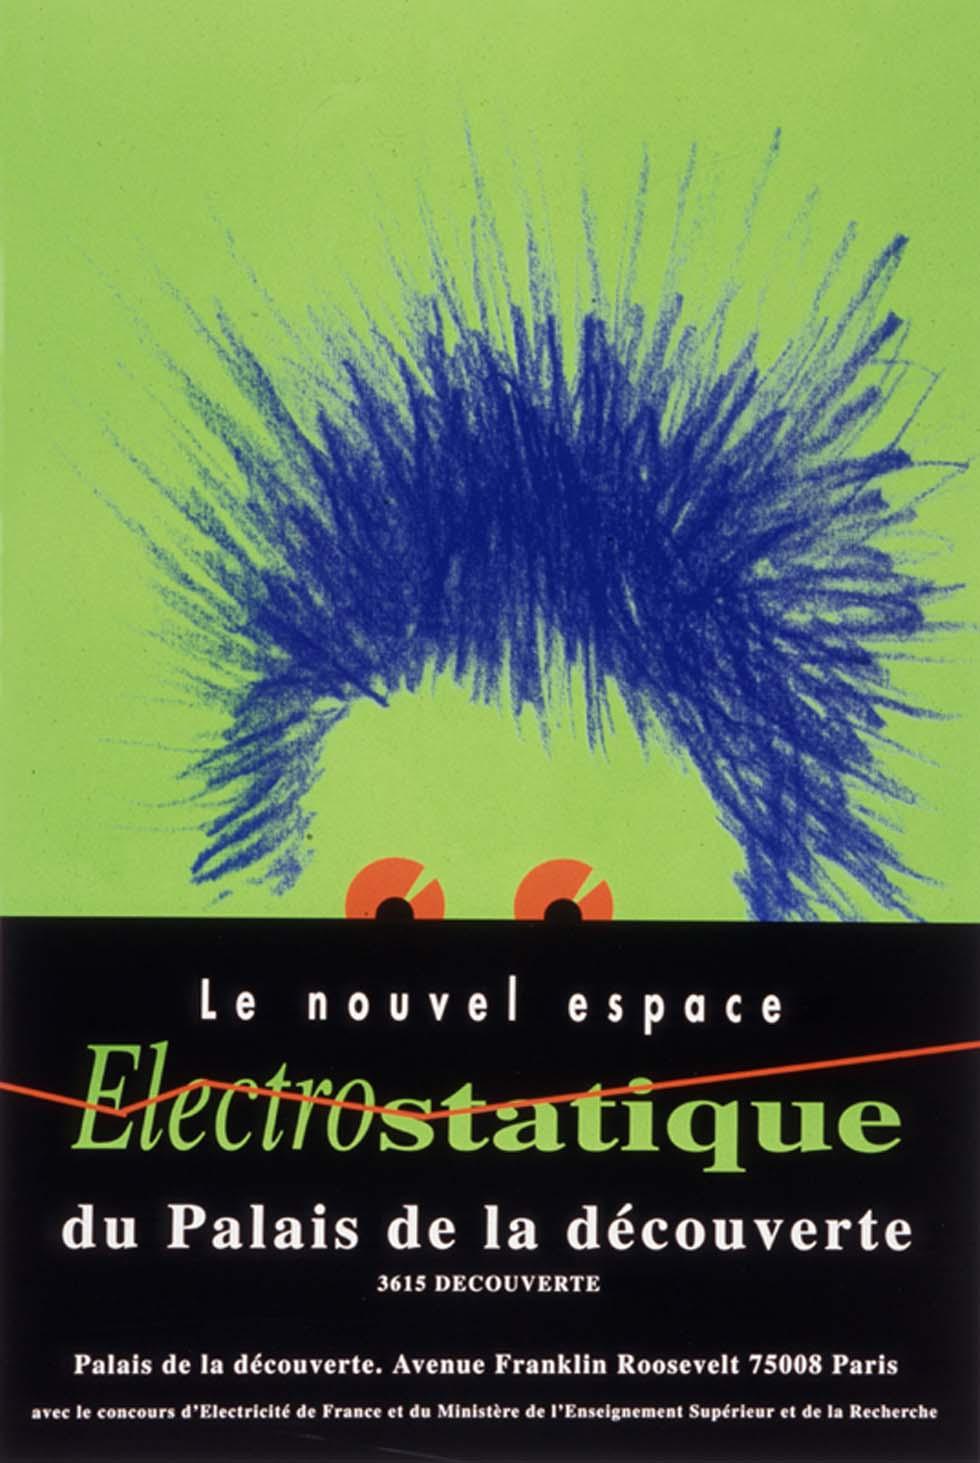 1994: Le nouvel espace Électrostatique du Palais de la découverte(ouverture du diaporama)